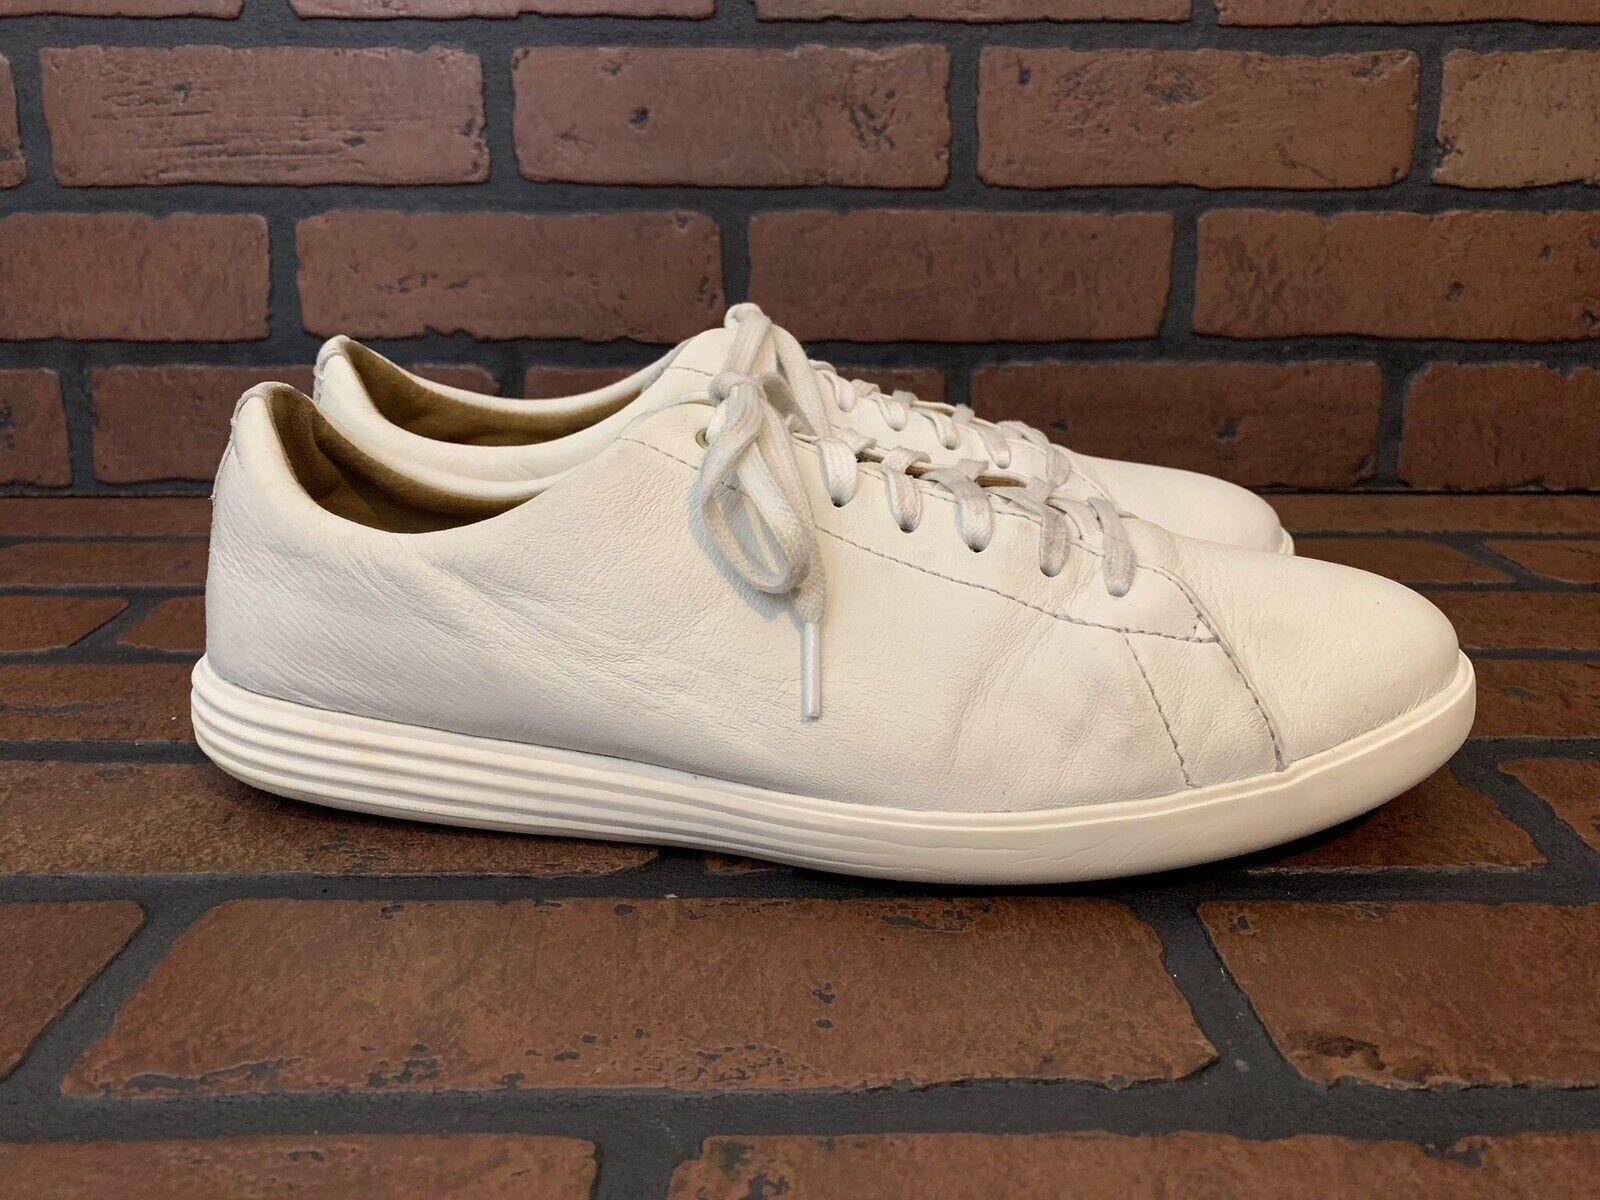 Cole Haan Grand un tamaño Zapatillas de cuero blancoo tamaño 11